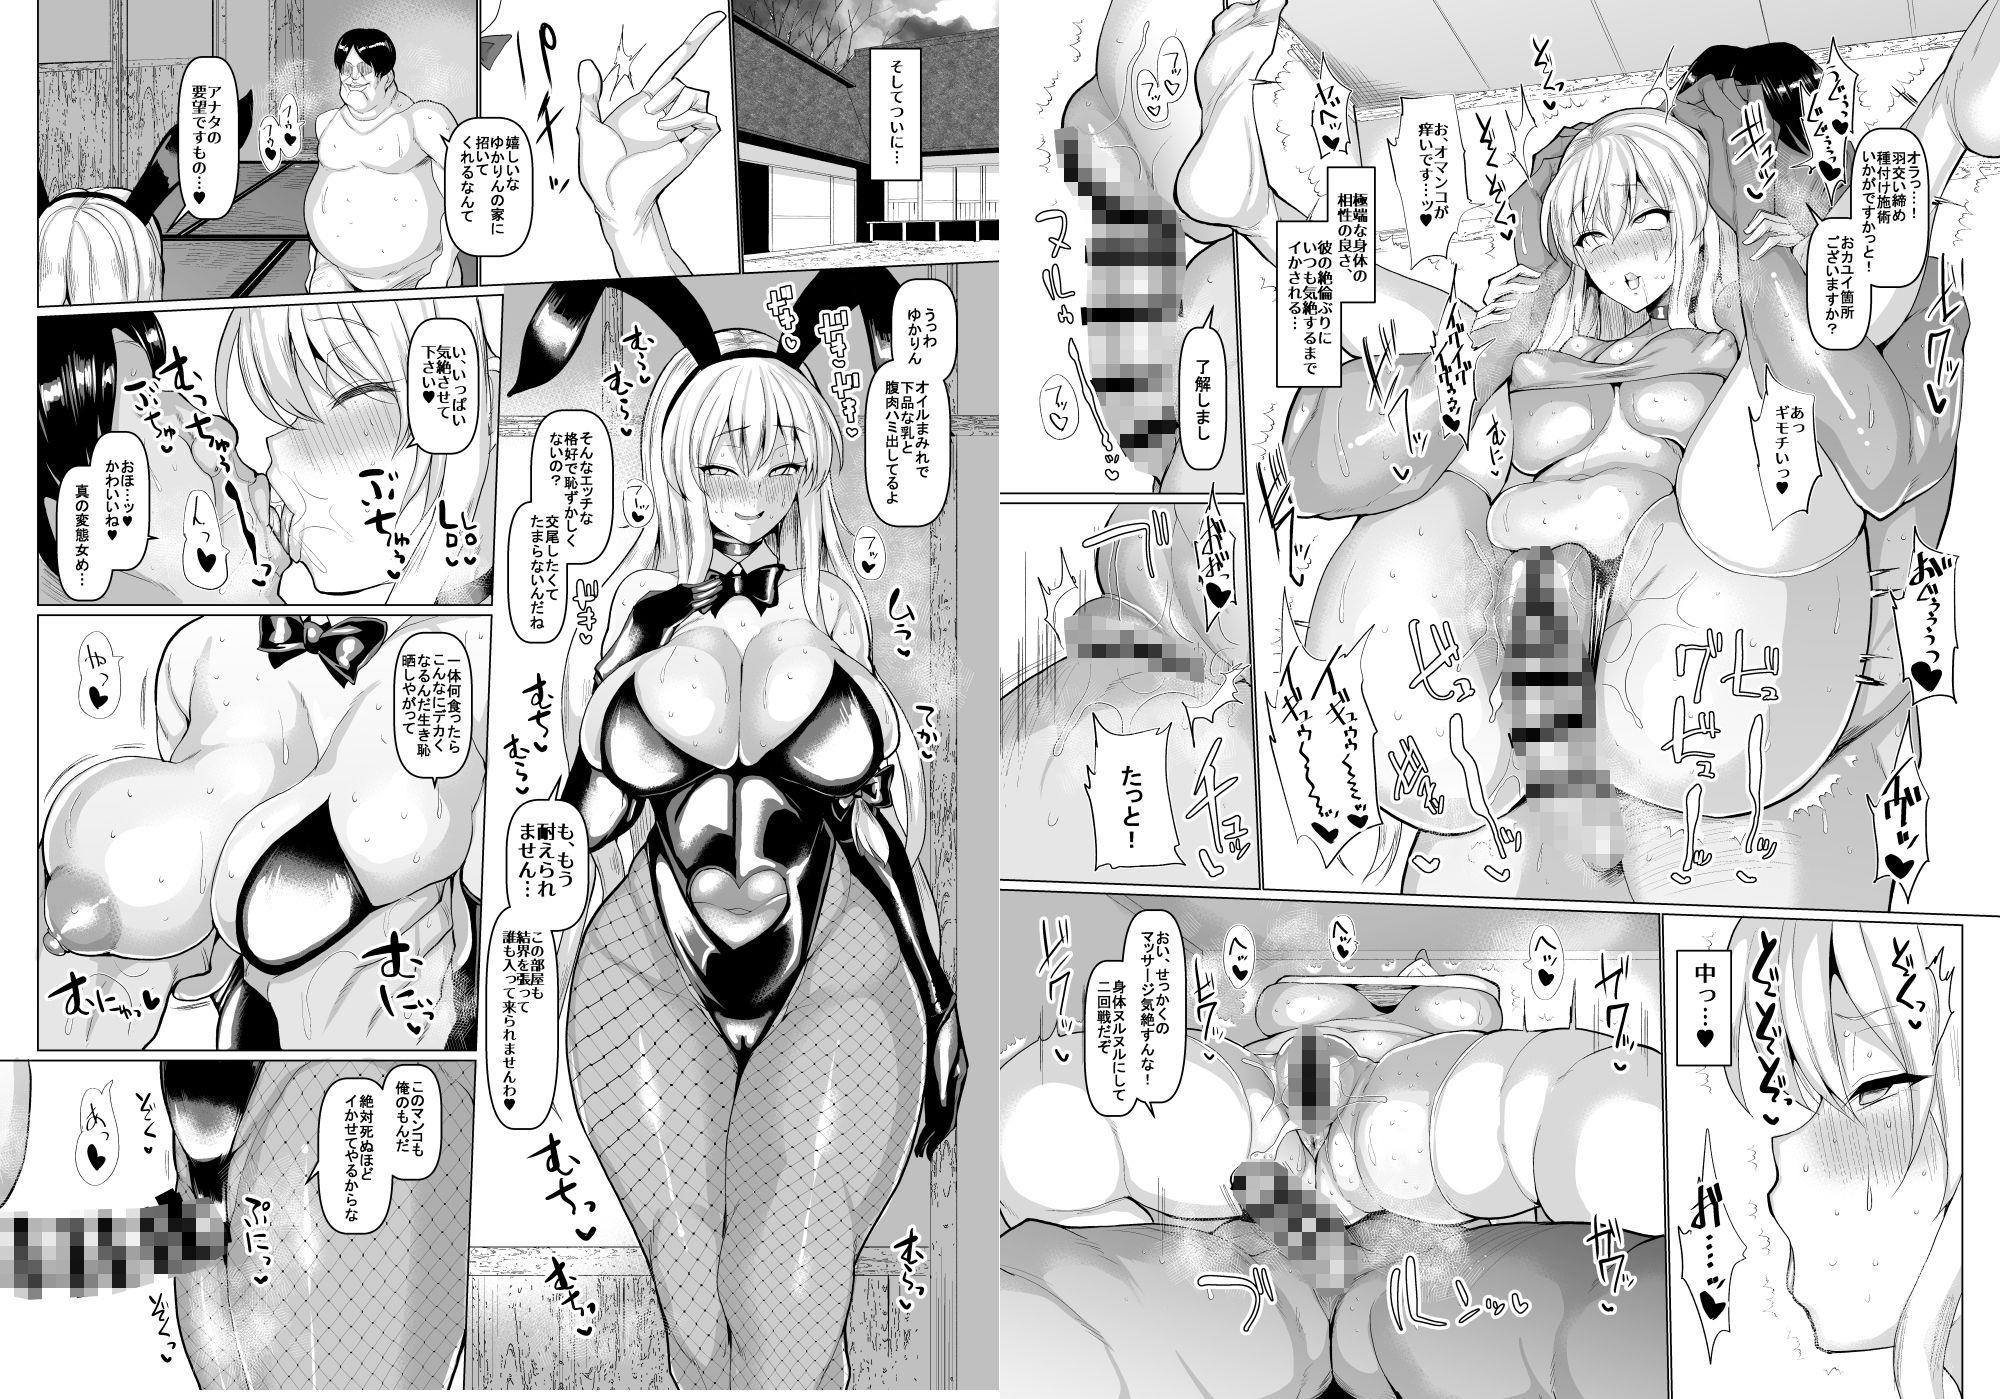 スキマ妖怪と本気子作り 画像